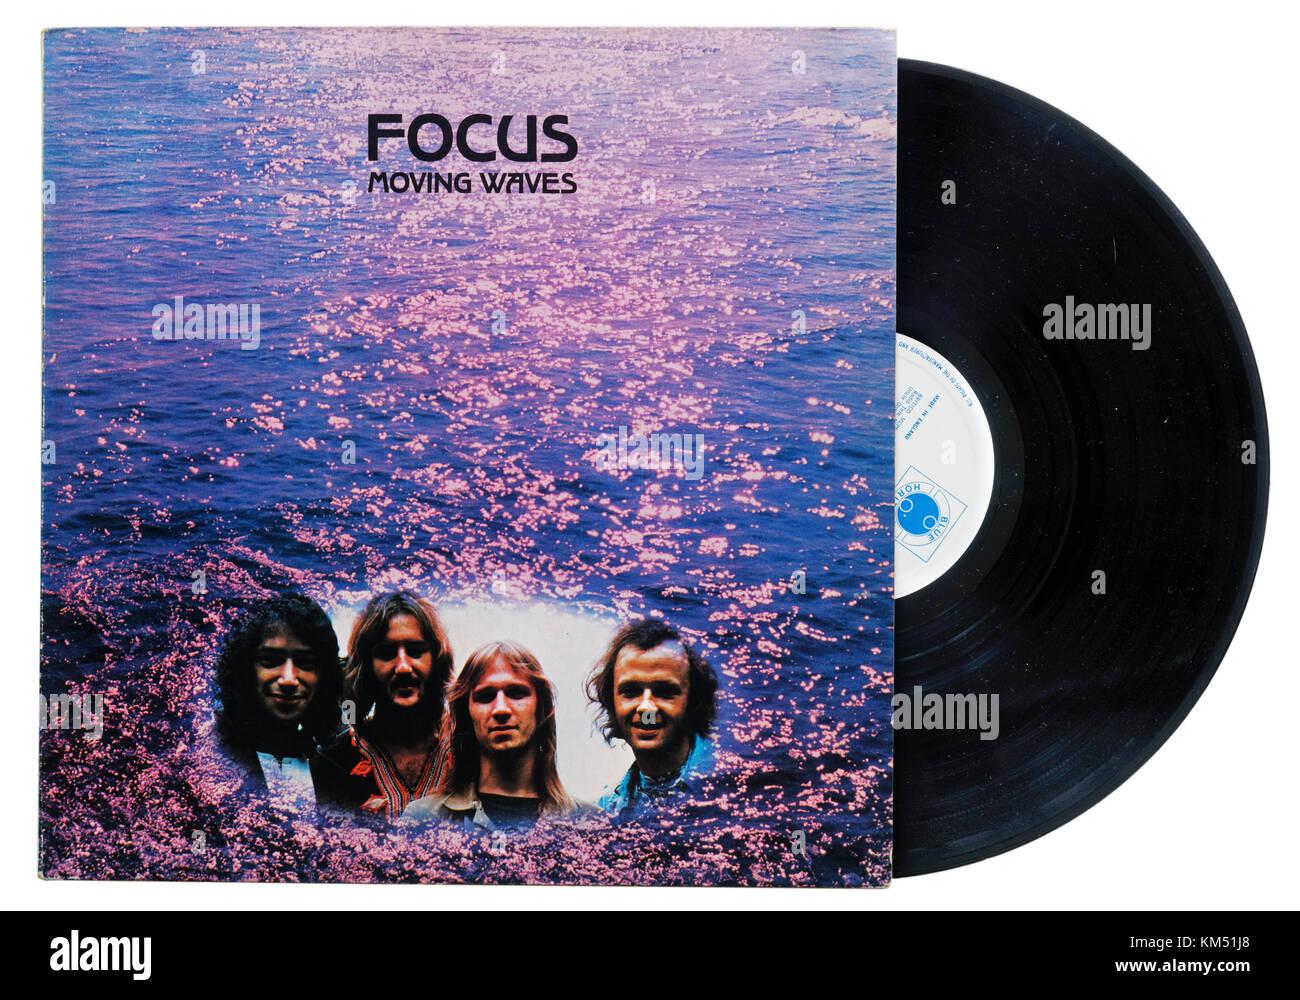 Focus Moving Waves album - Stock Image